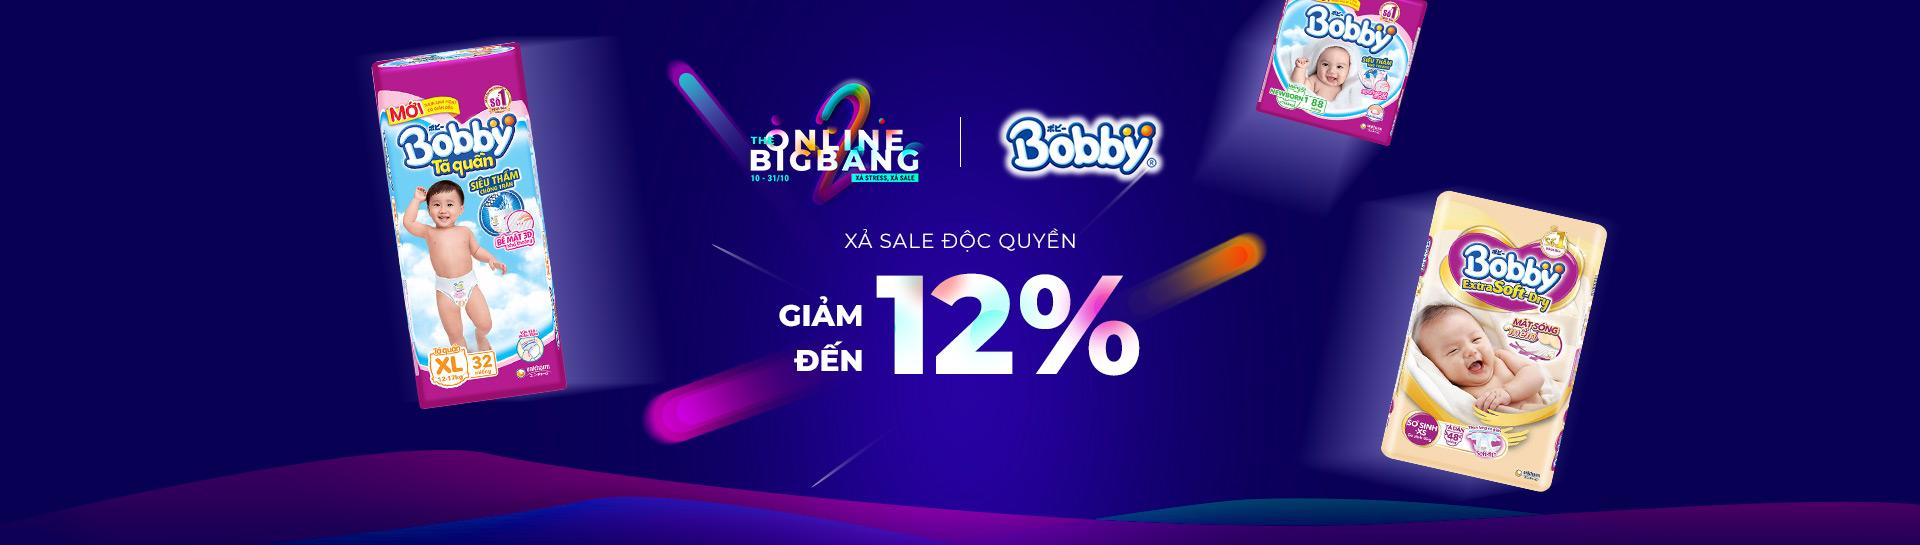 Bobby - Giảm giá đến 12%